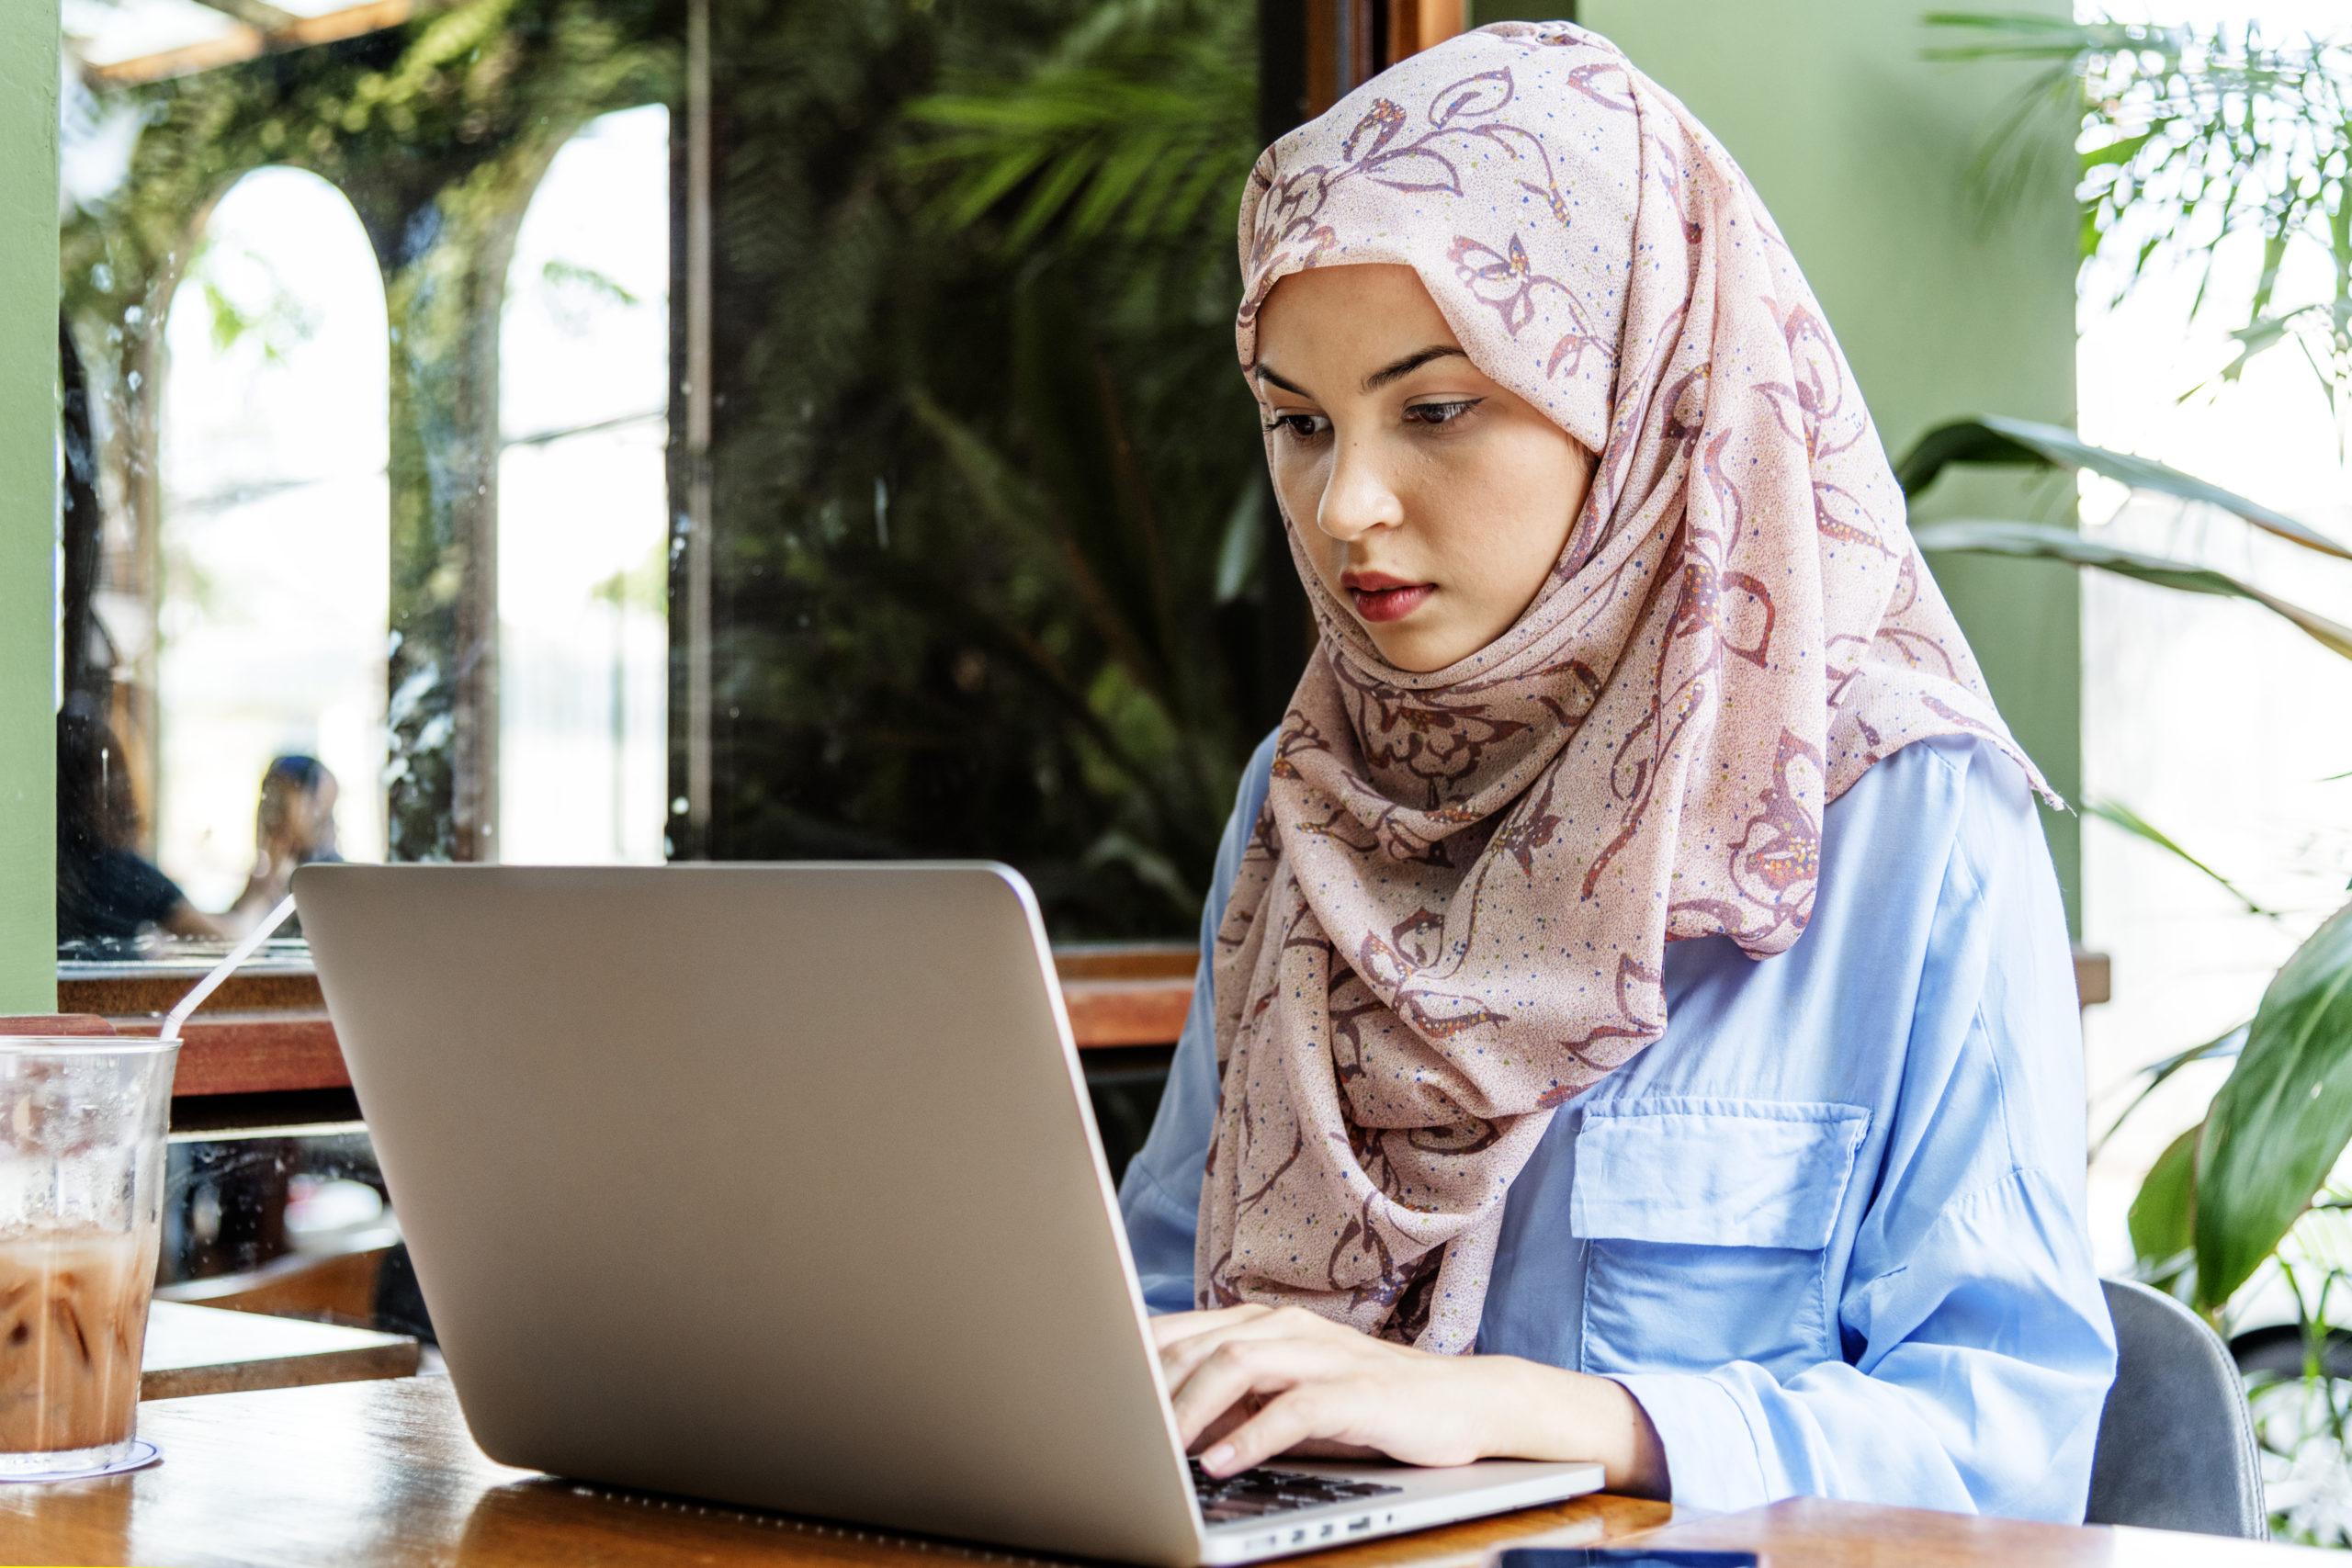 תרגום מעברית לערבית בתמונה: מתרגמת לערבית עובדת על מחשב נייד